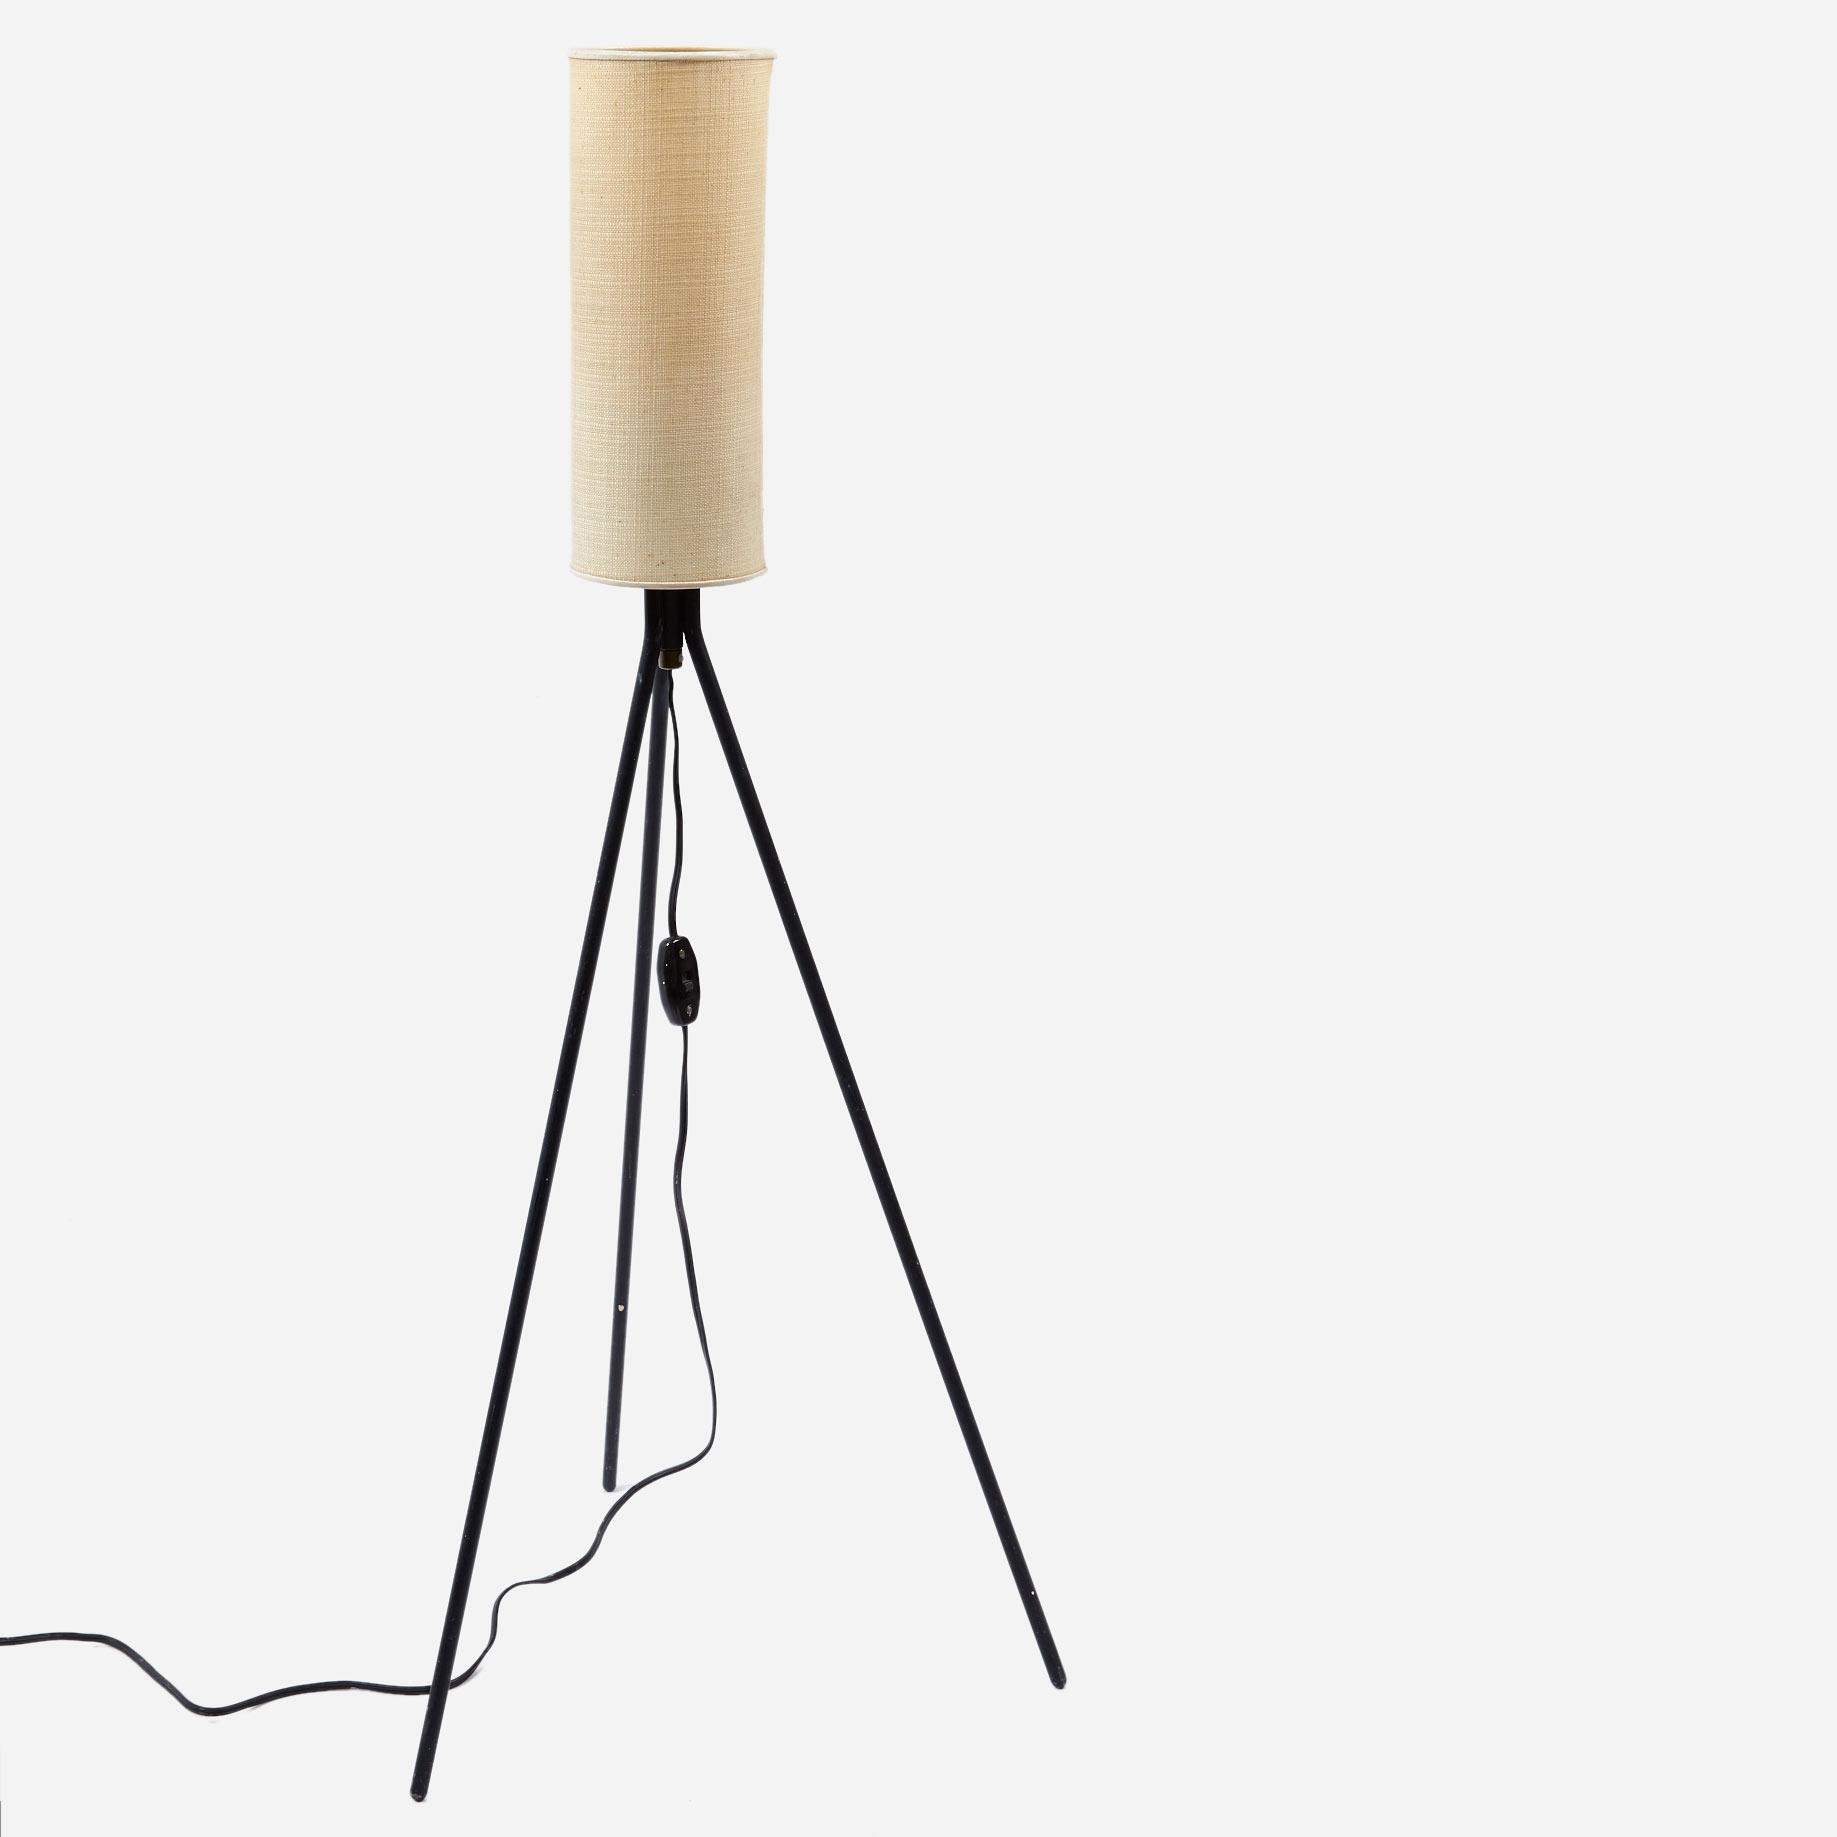 3 Bein Lampe : 3 bein lampe m bel z rich vintagem bel ~ Whattoseeinmadrid.com Haus und Dekorationen